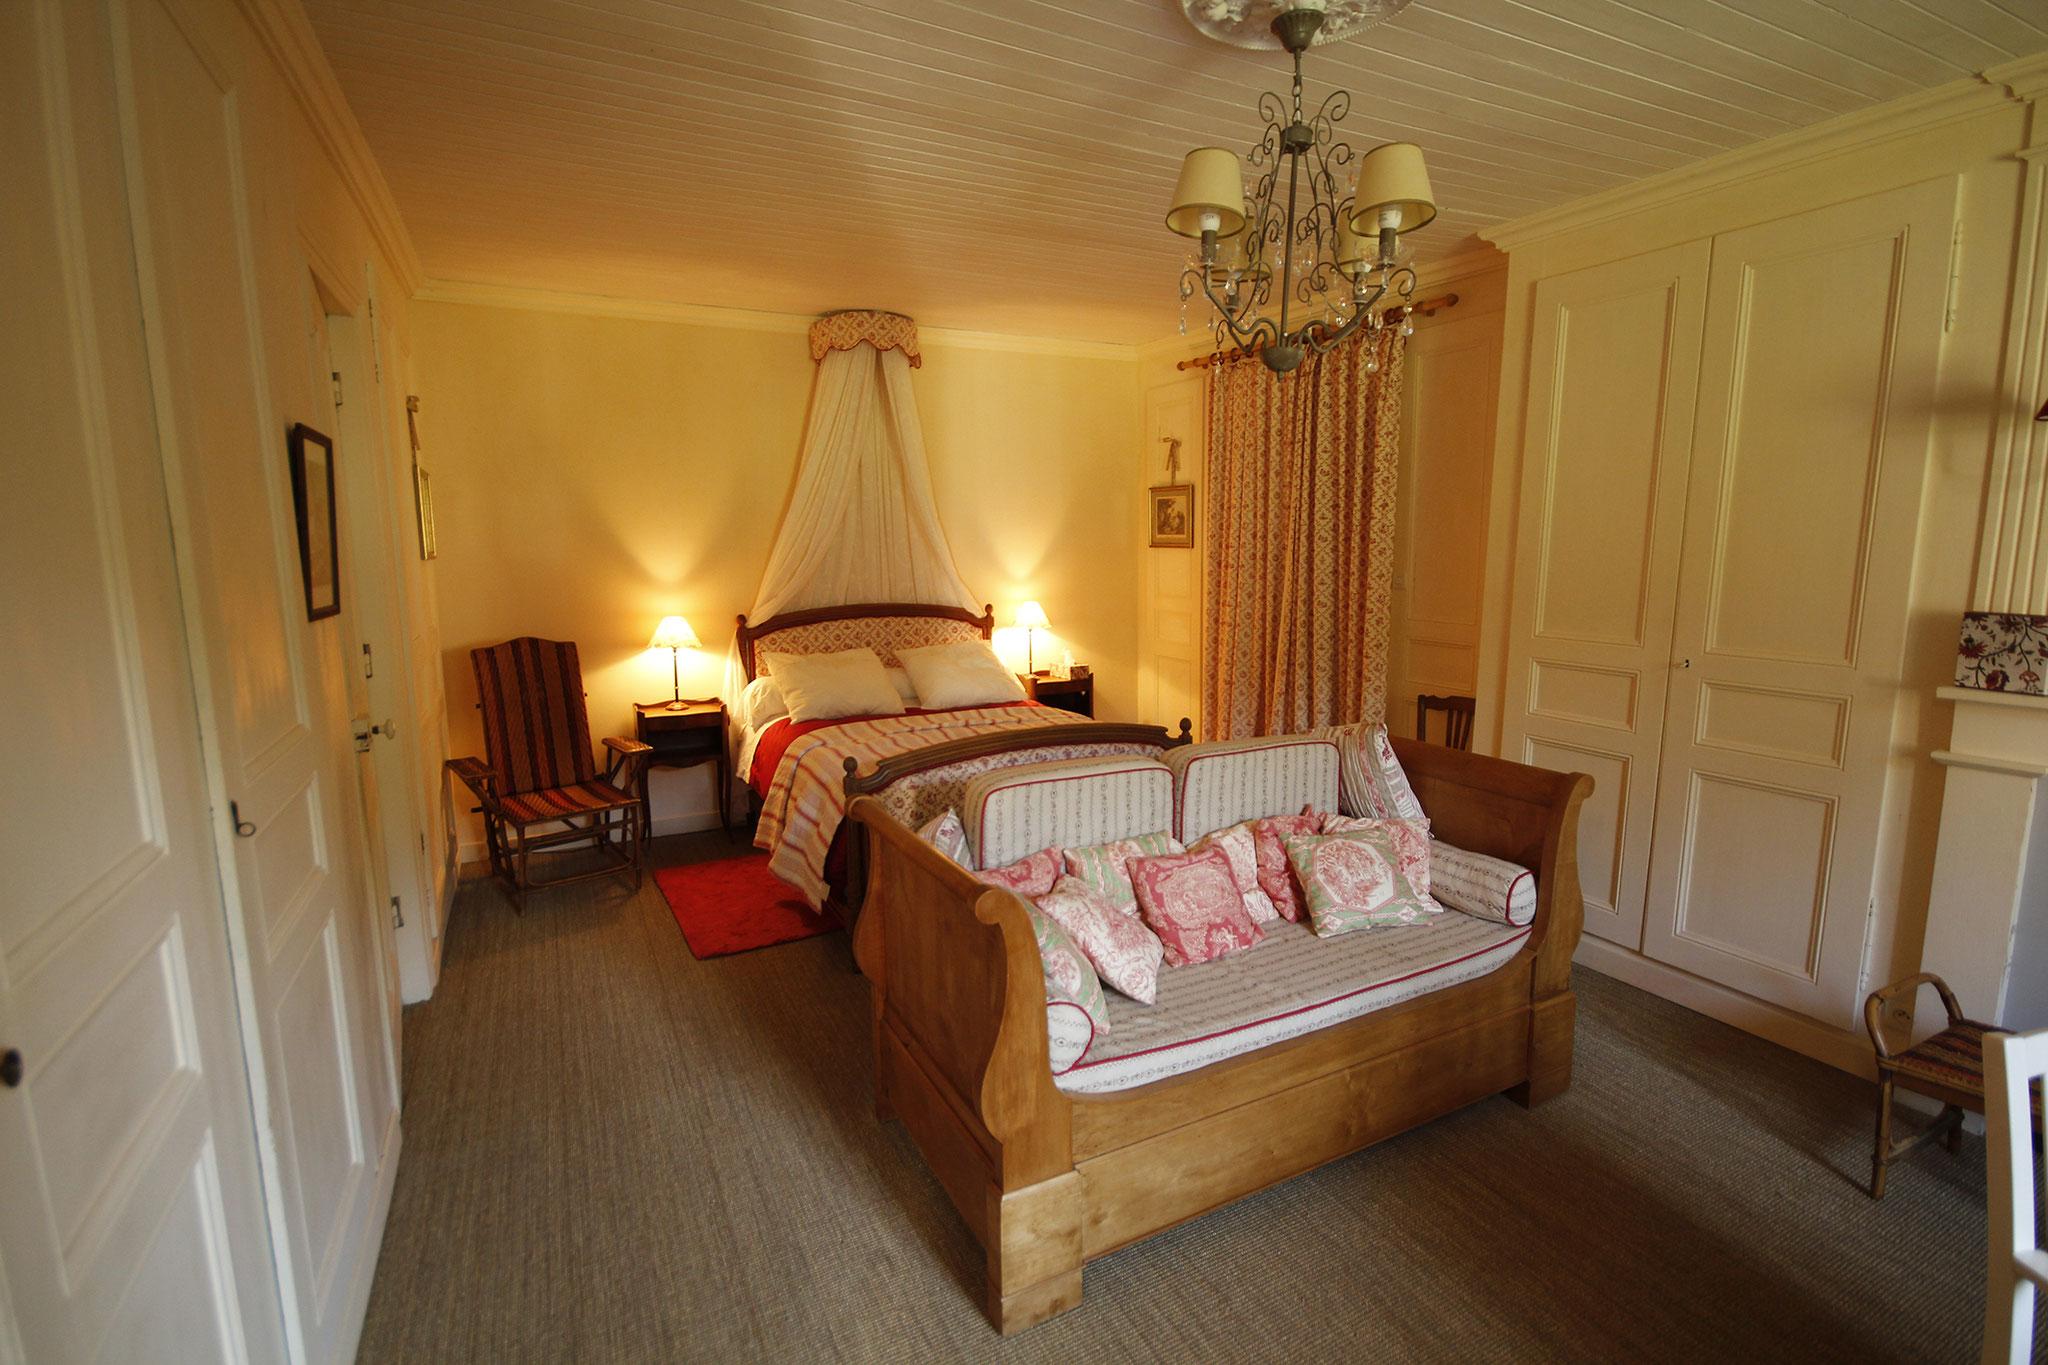 Suites et chambres d'hôtes dans nature préservée entre ardèche et ...